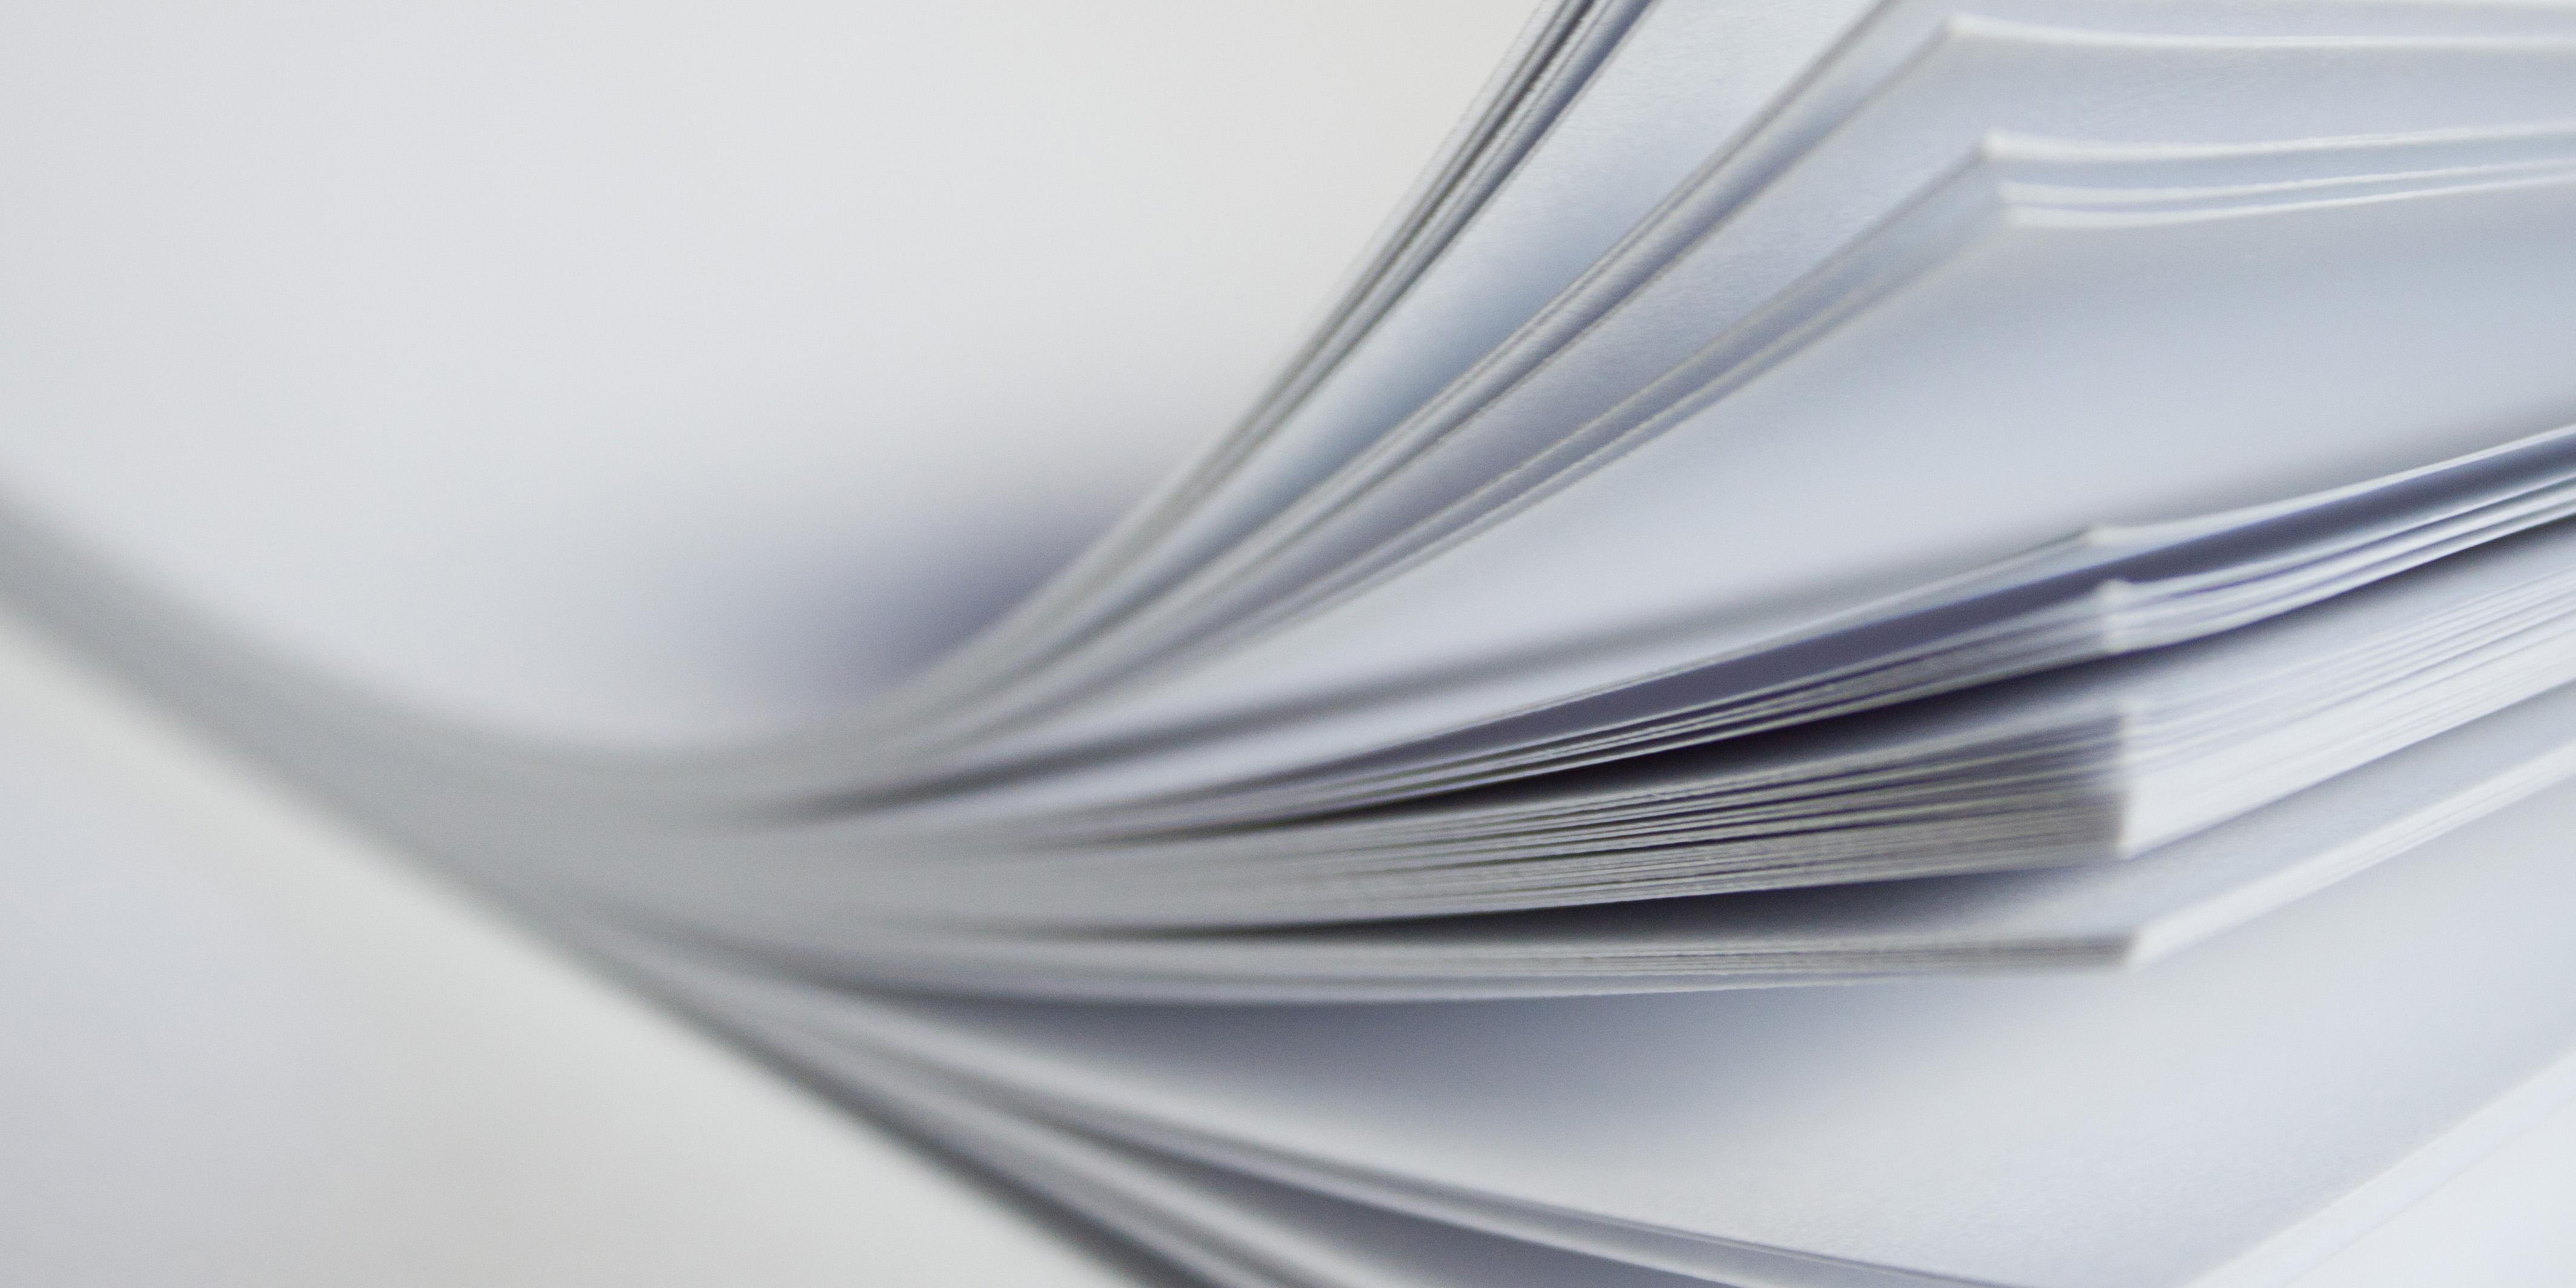 آغاز تولید ۱۵ هزار تن کاغذ برای چاپ کتابهای درسی مدارس